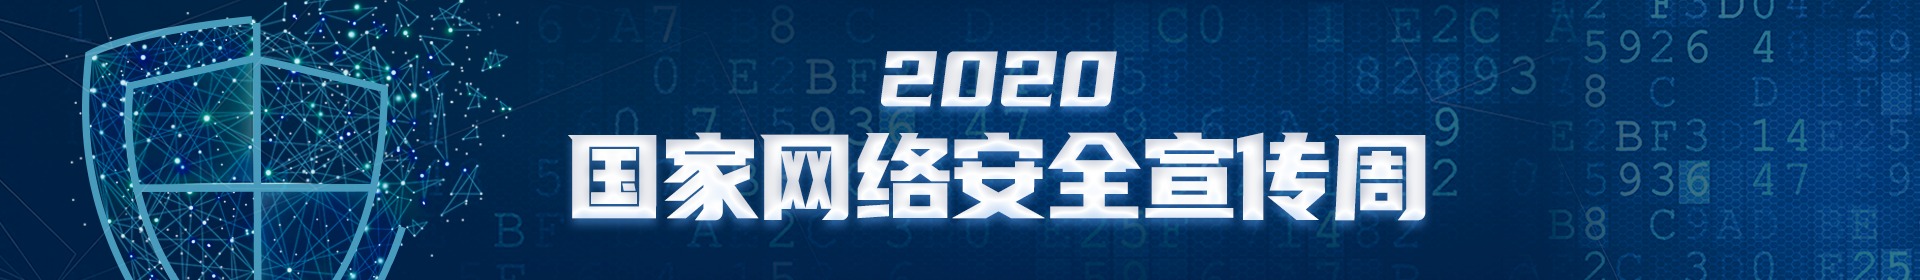 2020国家网络安全宣传周